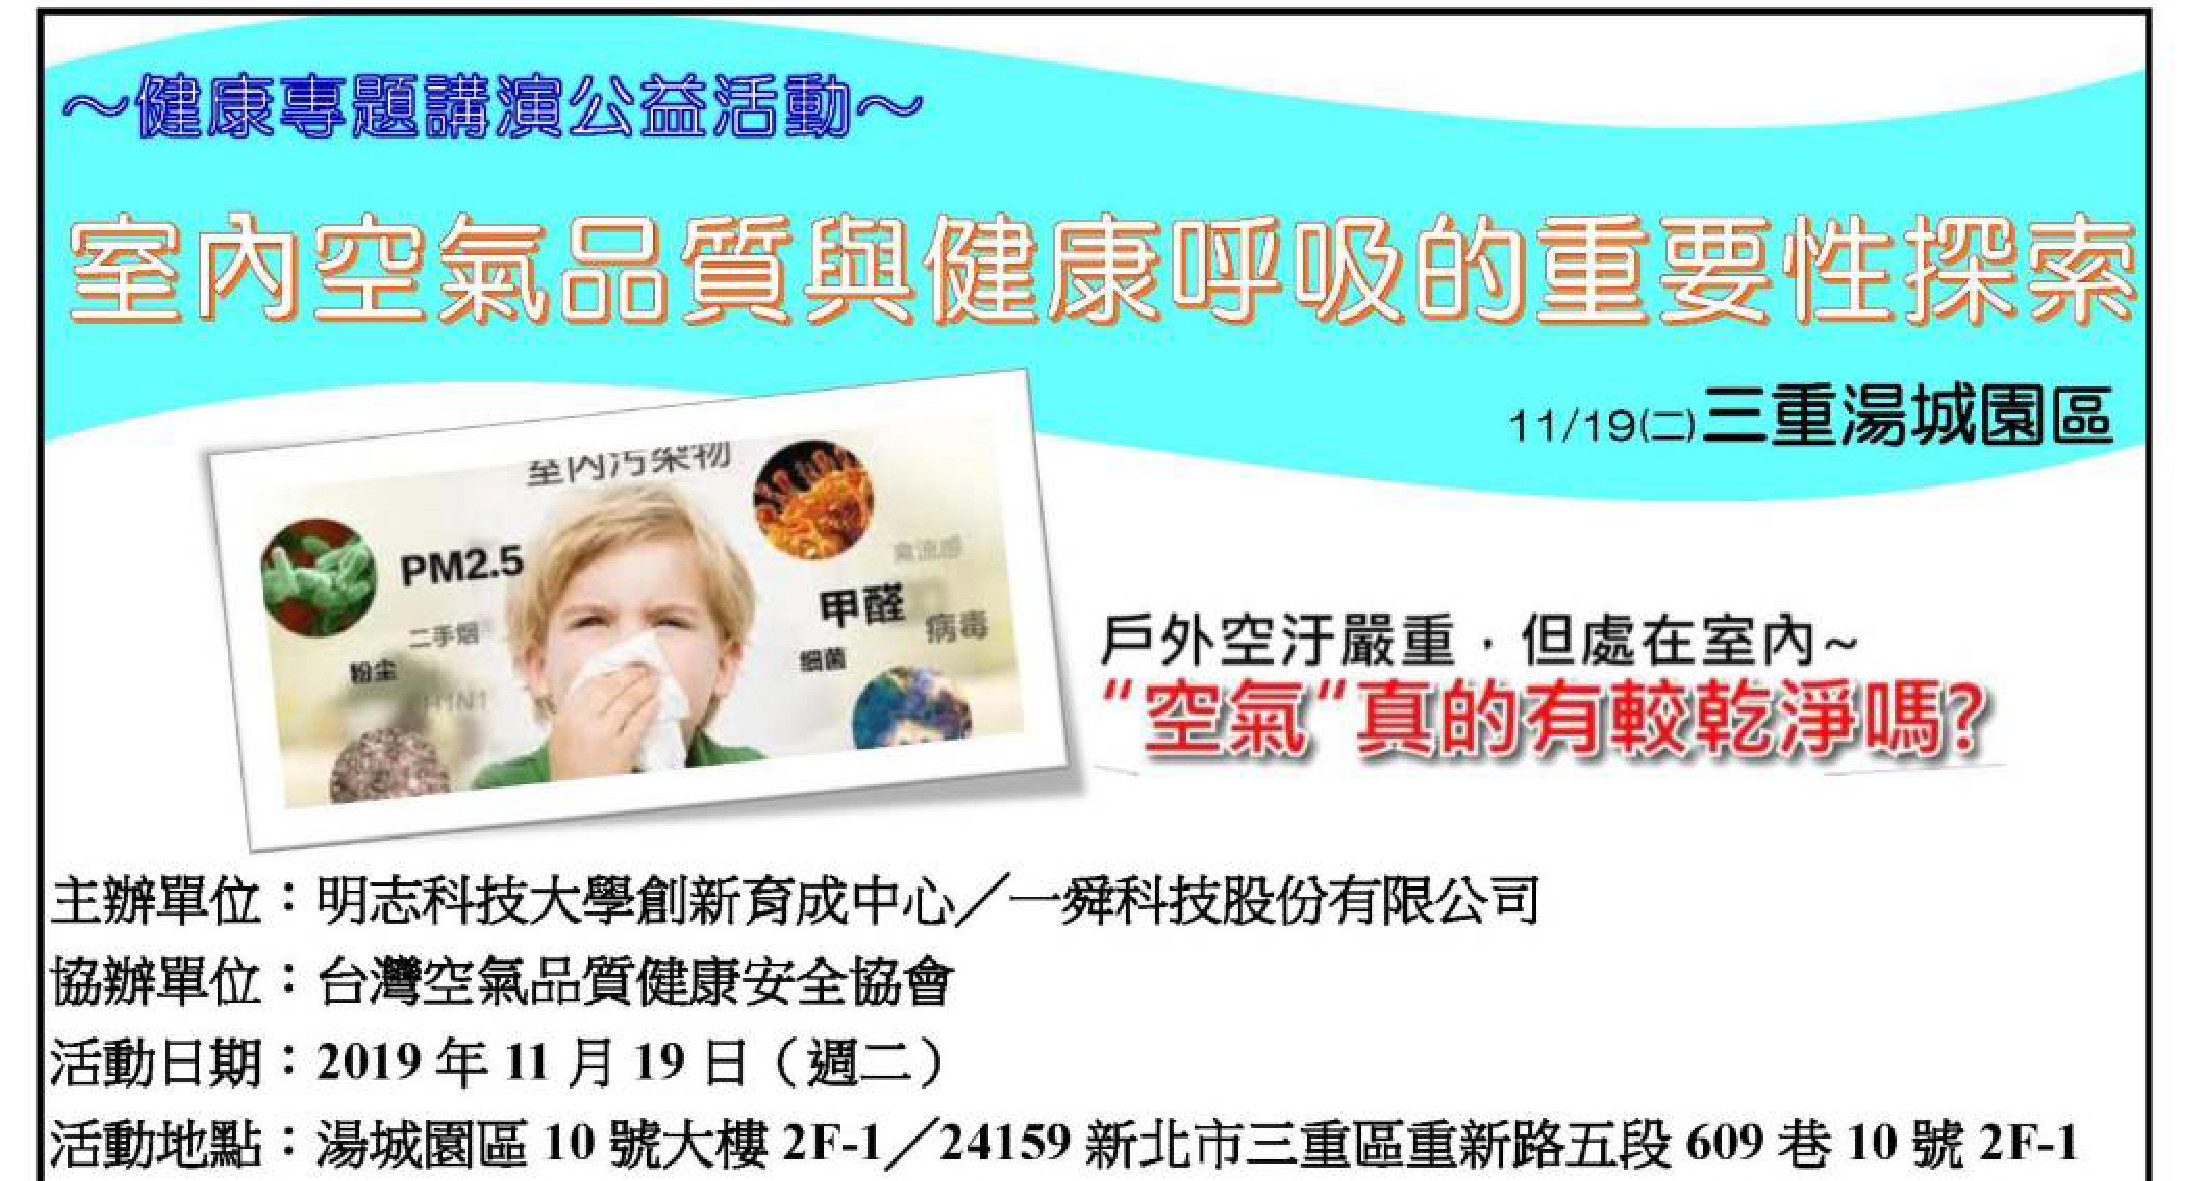 11/19室內空氣品質與健康呼吸的重要性探索(三重湯城園區)